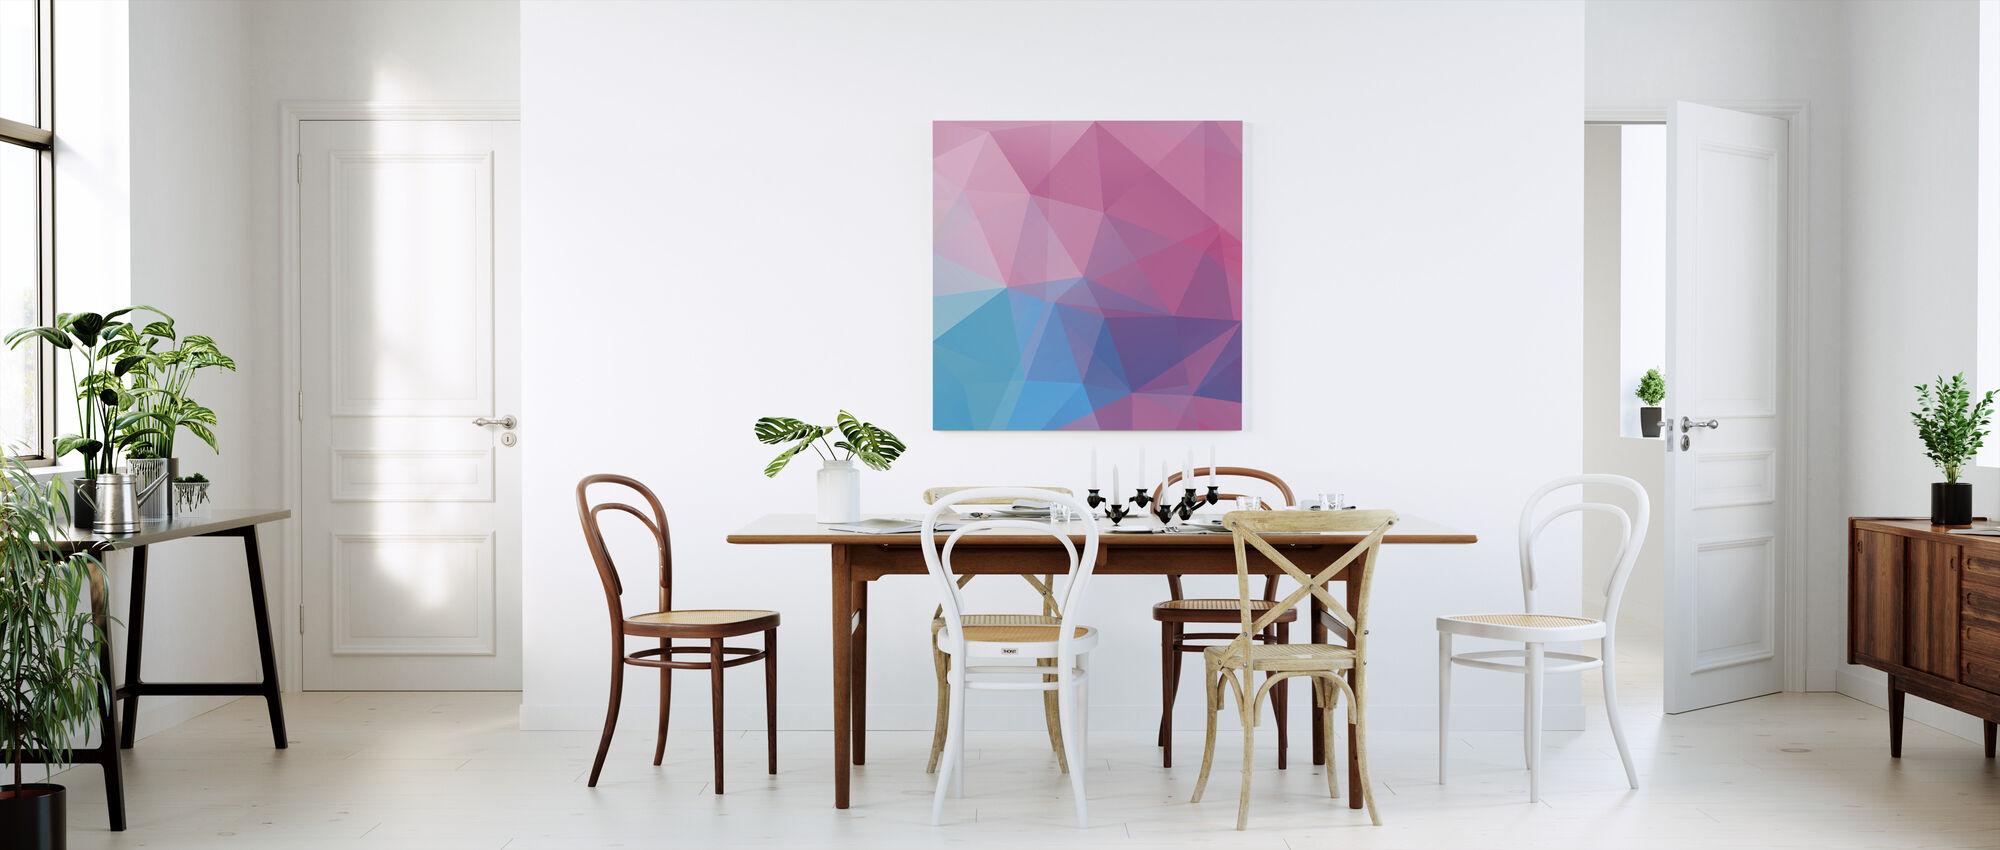 Veelhoekige pastelkleuren - Canvas print - Keuken